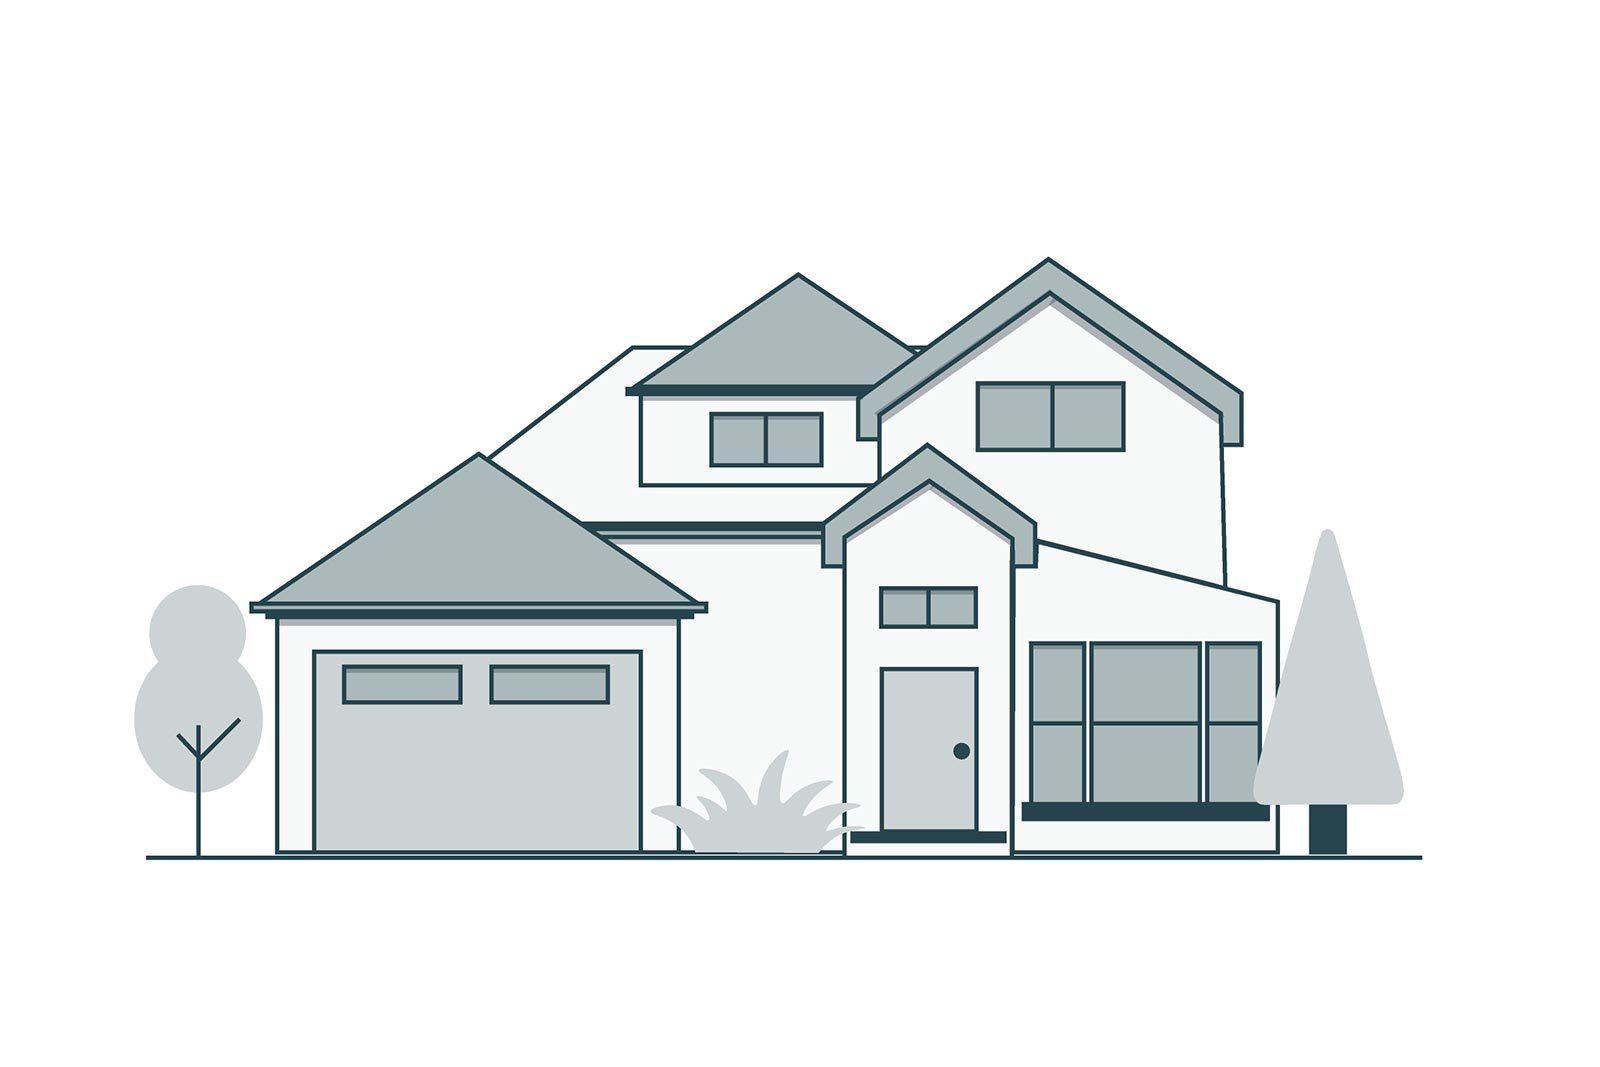 238 Divisadero St San Francisco, CA 94117